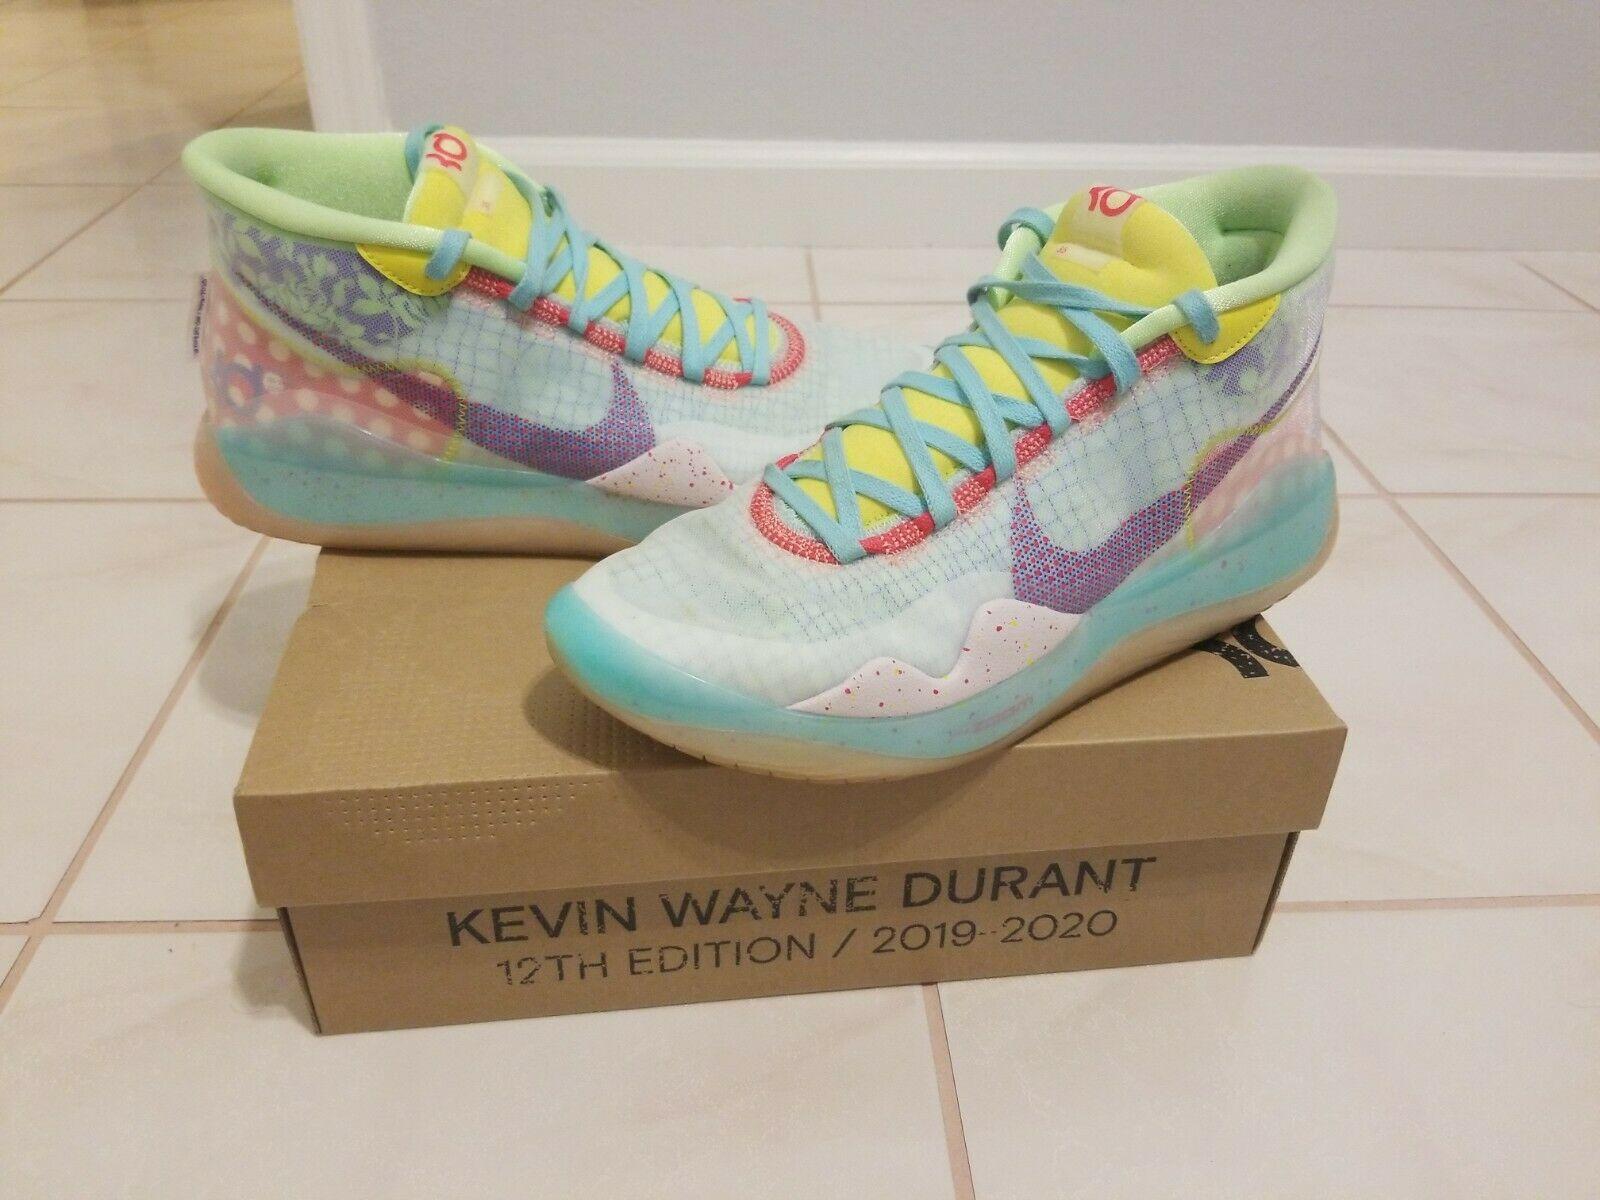 Nike KD 12 Peach Jam